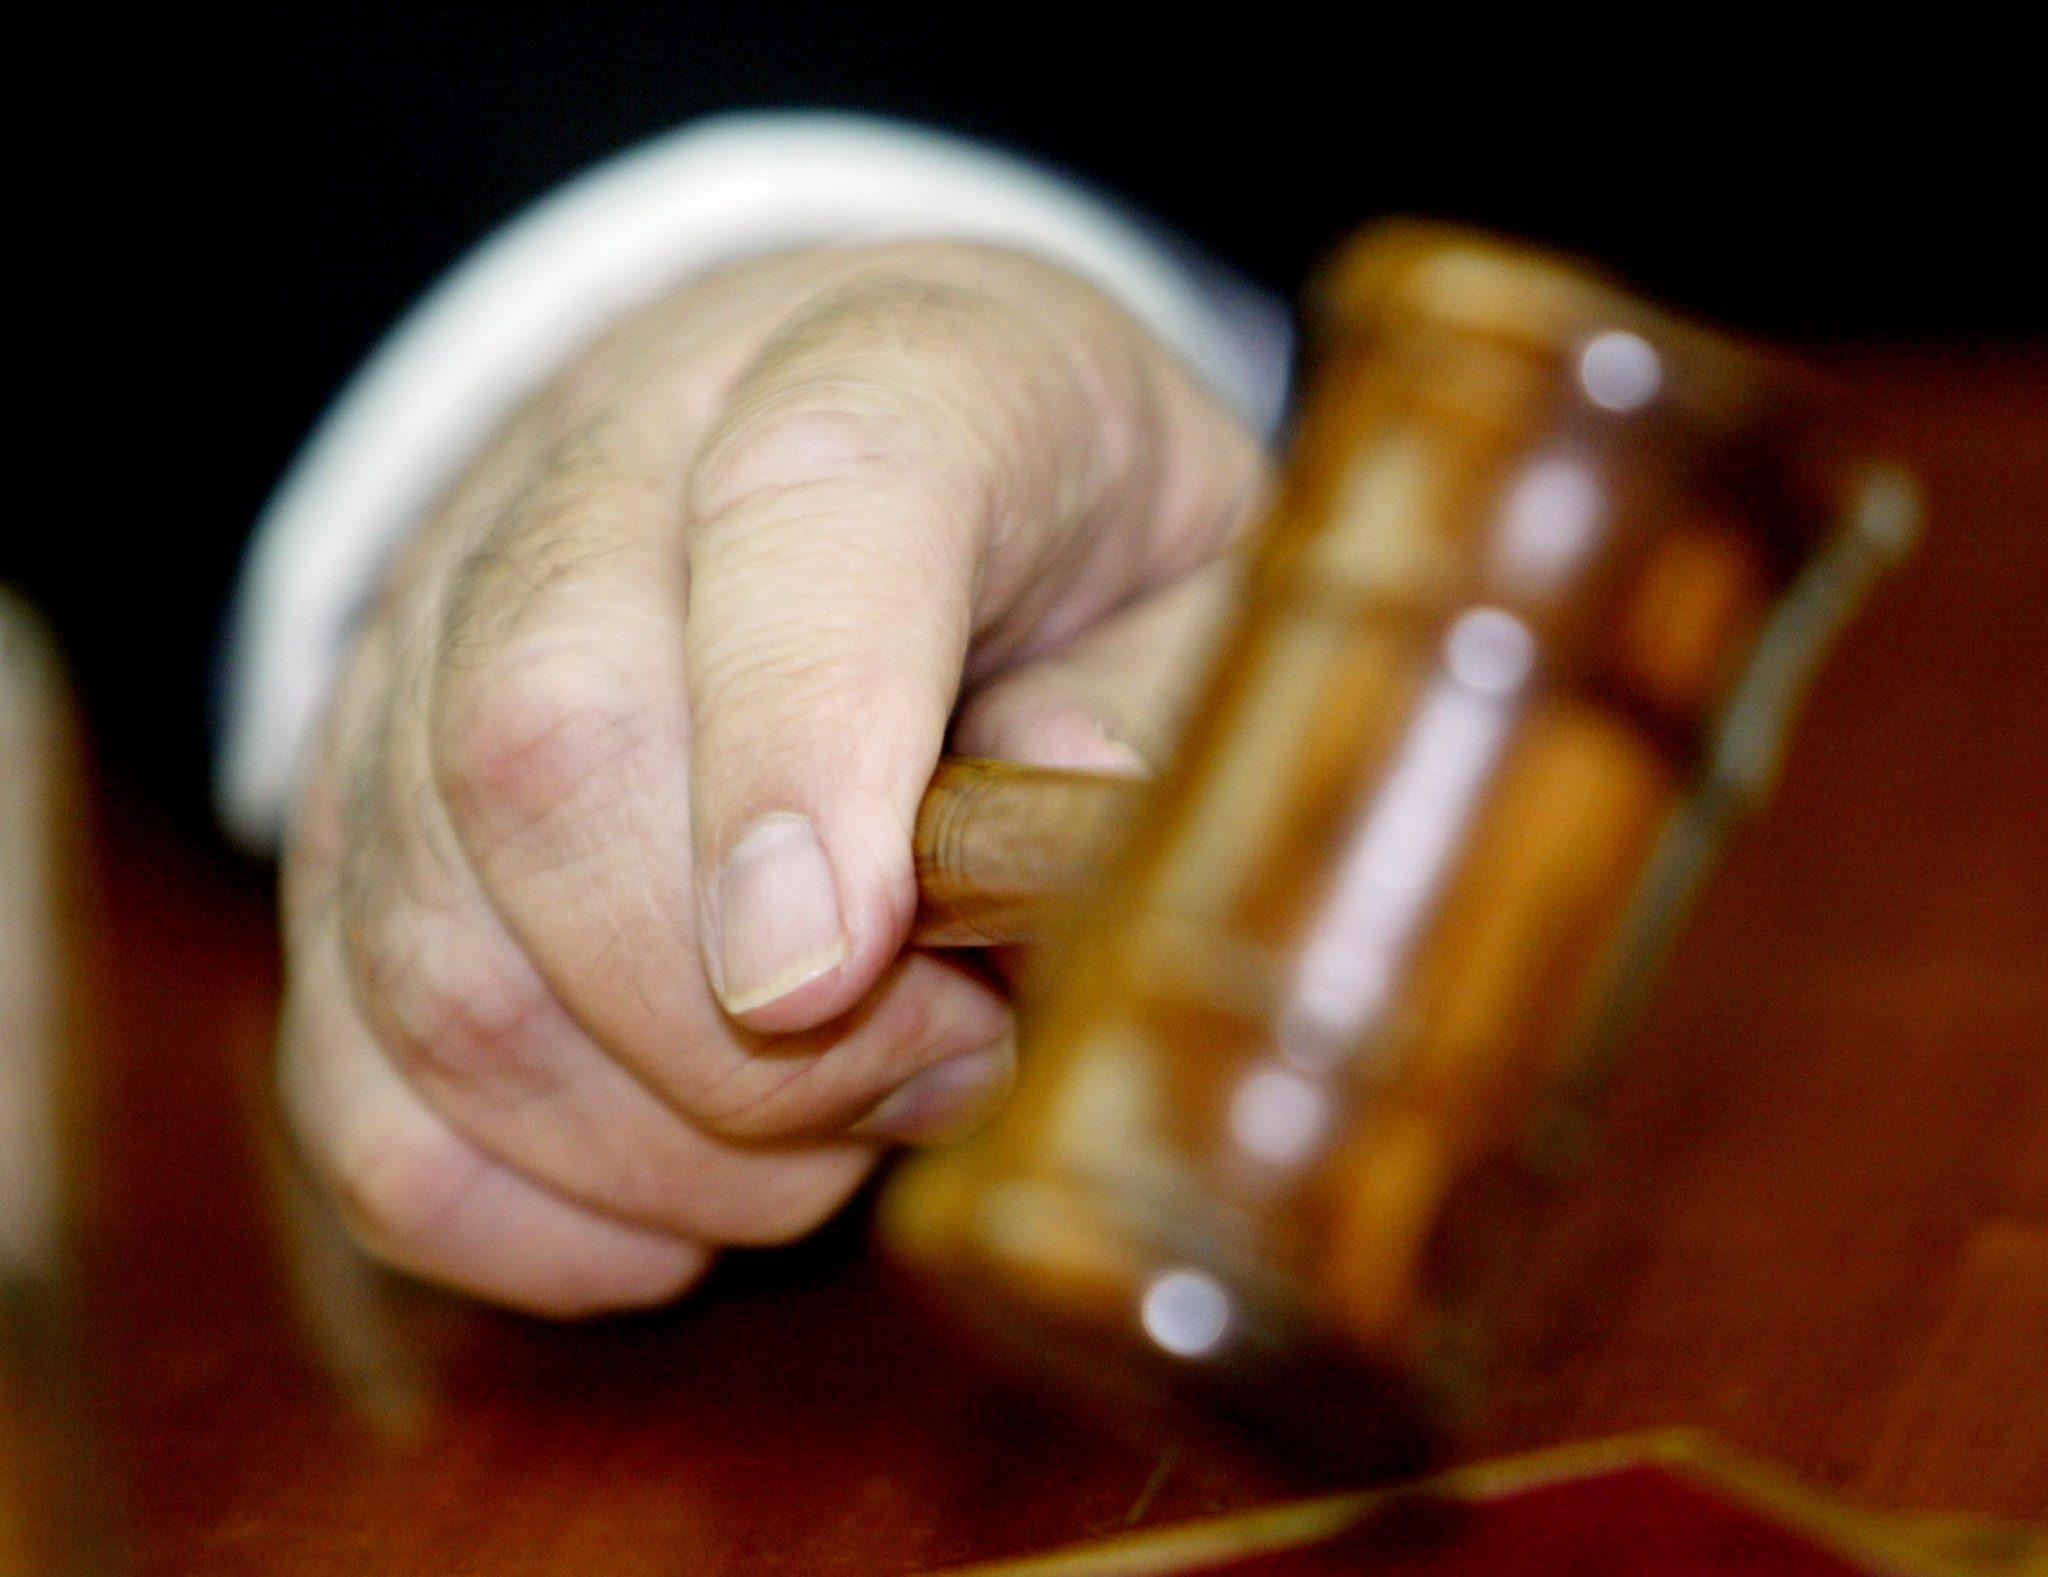 Norte-americano executado na cadeira elétrica em Tennessee